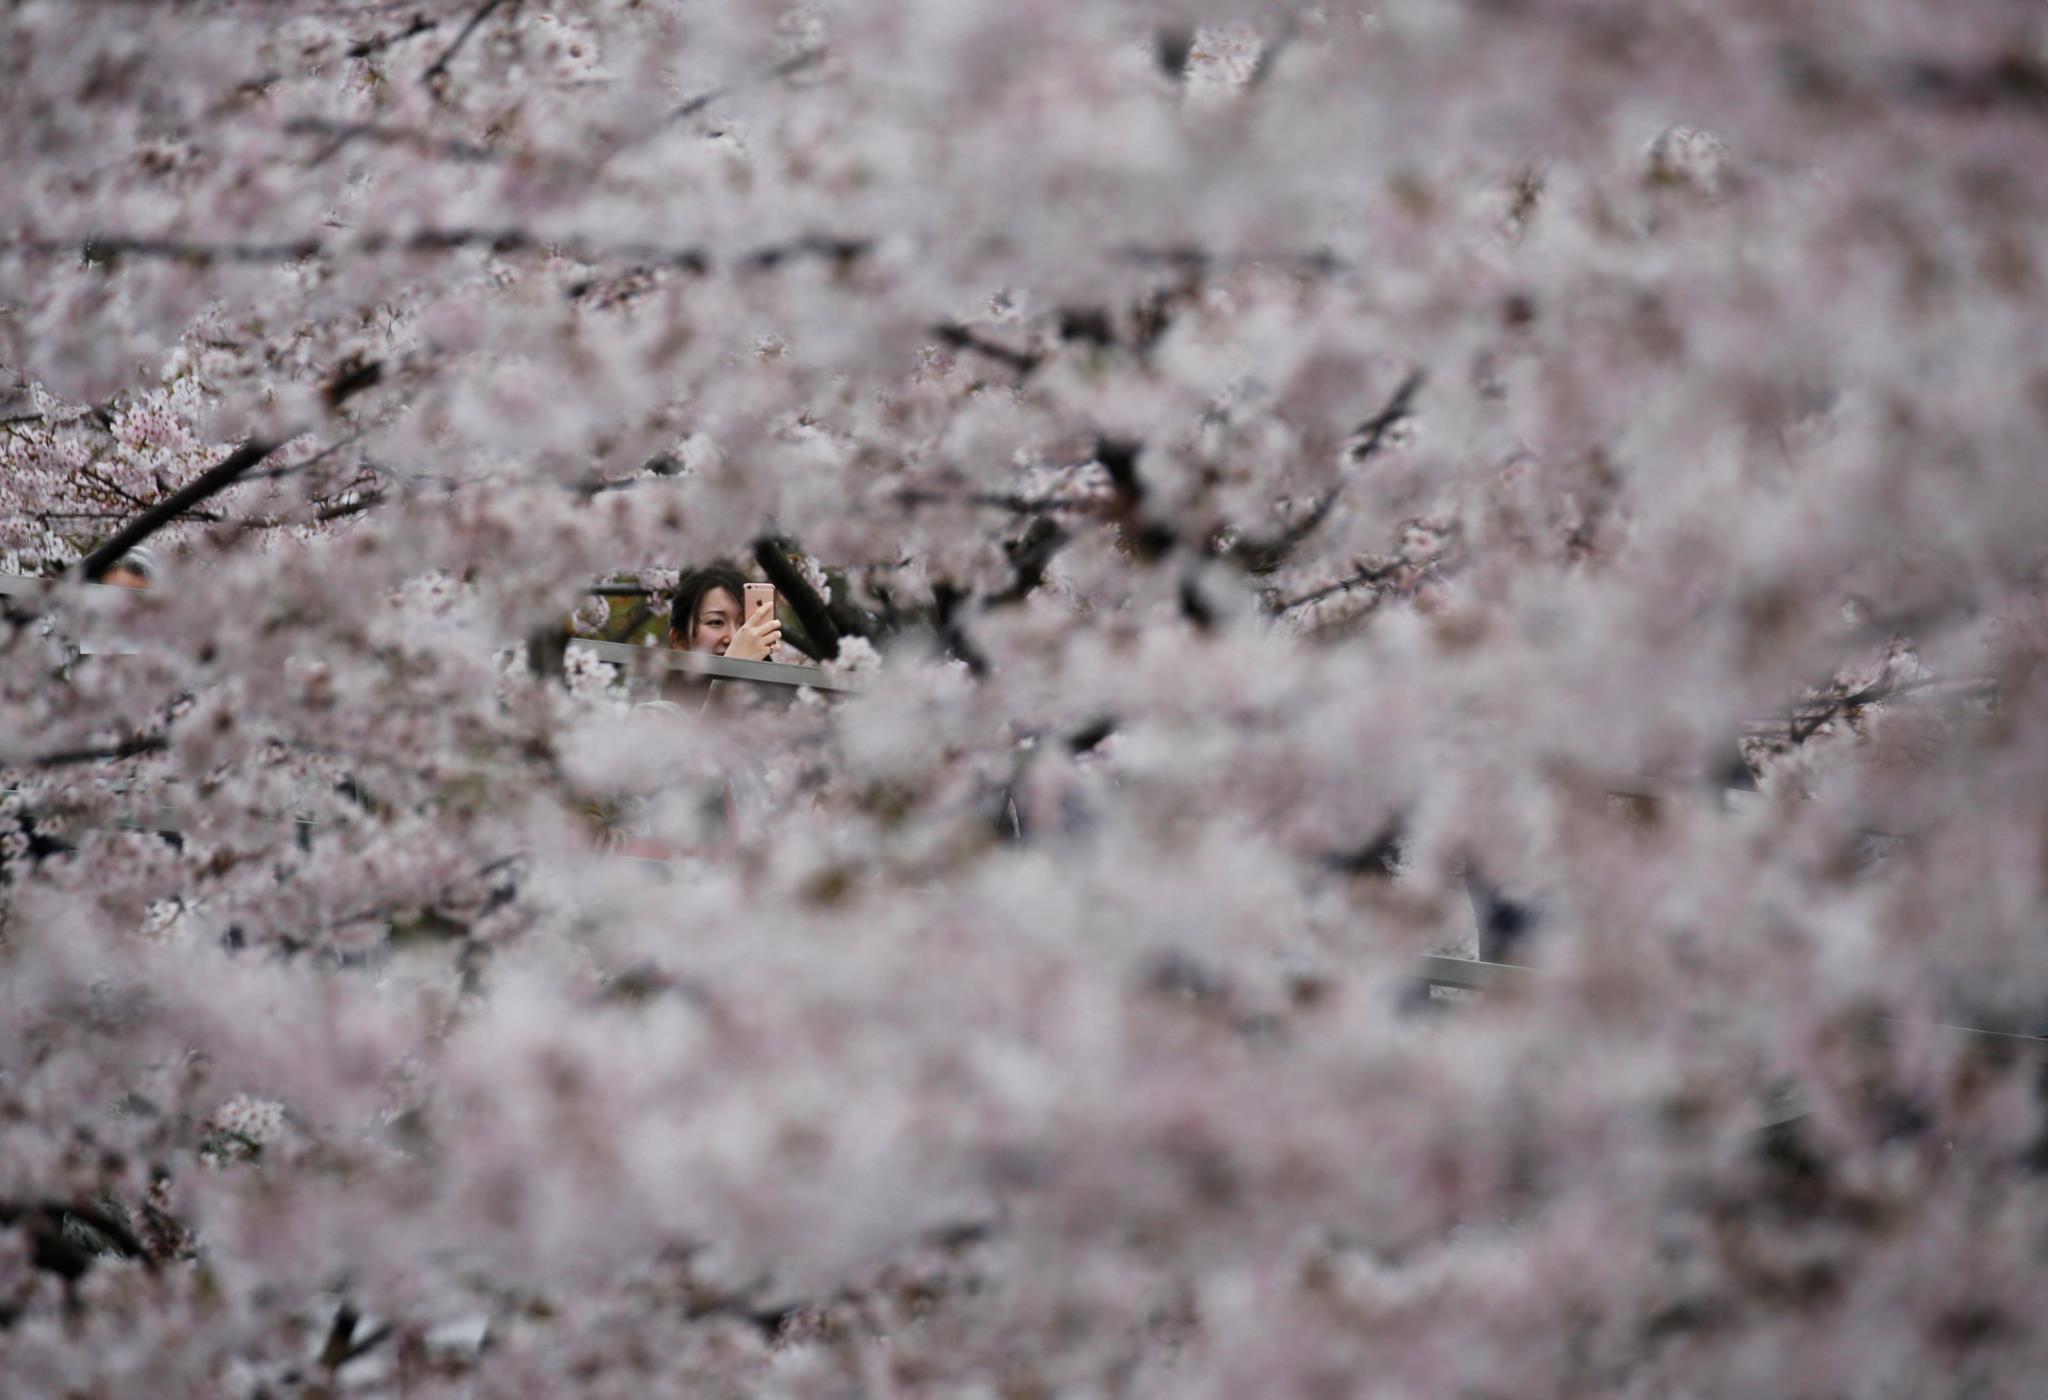 Uma mulher tira fotografias às flores de cerejeira em Tóquio